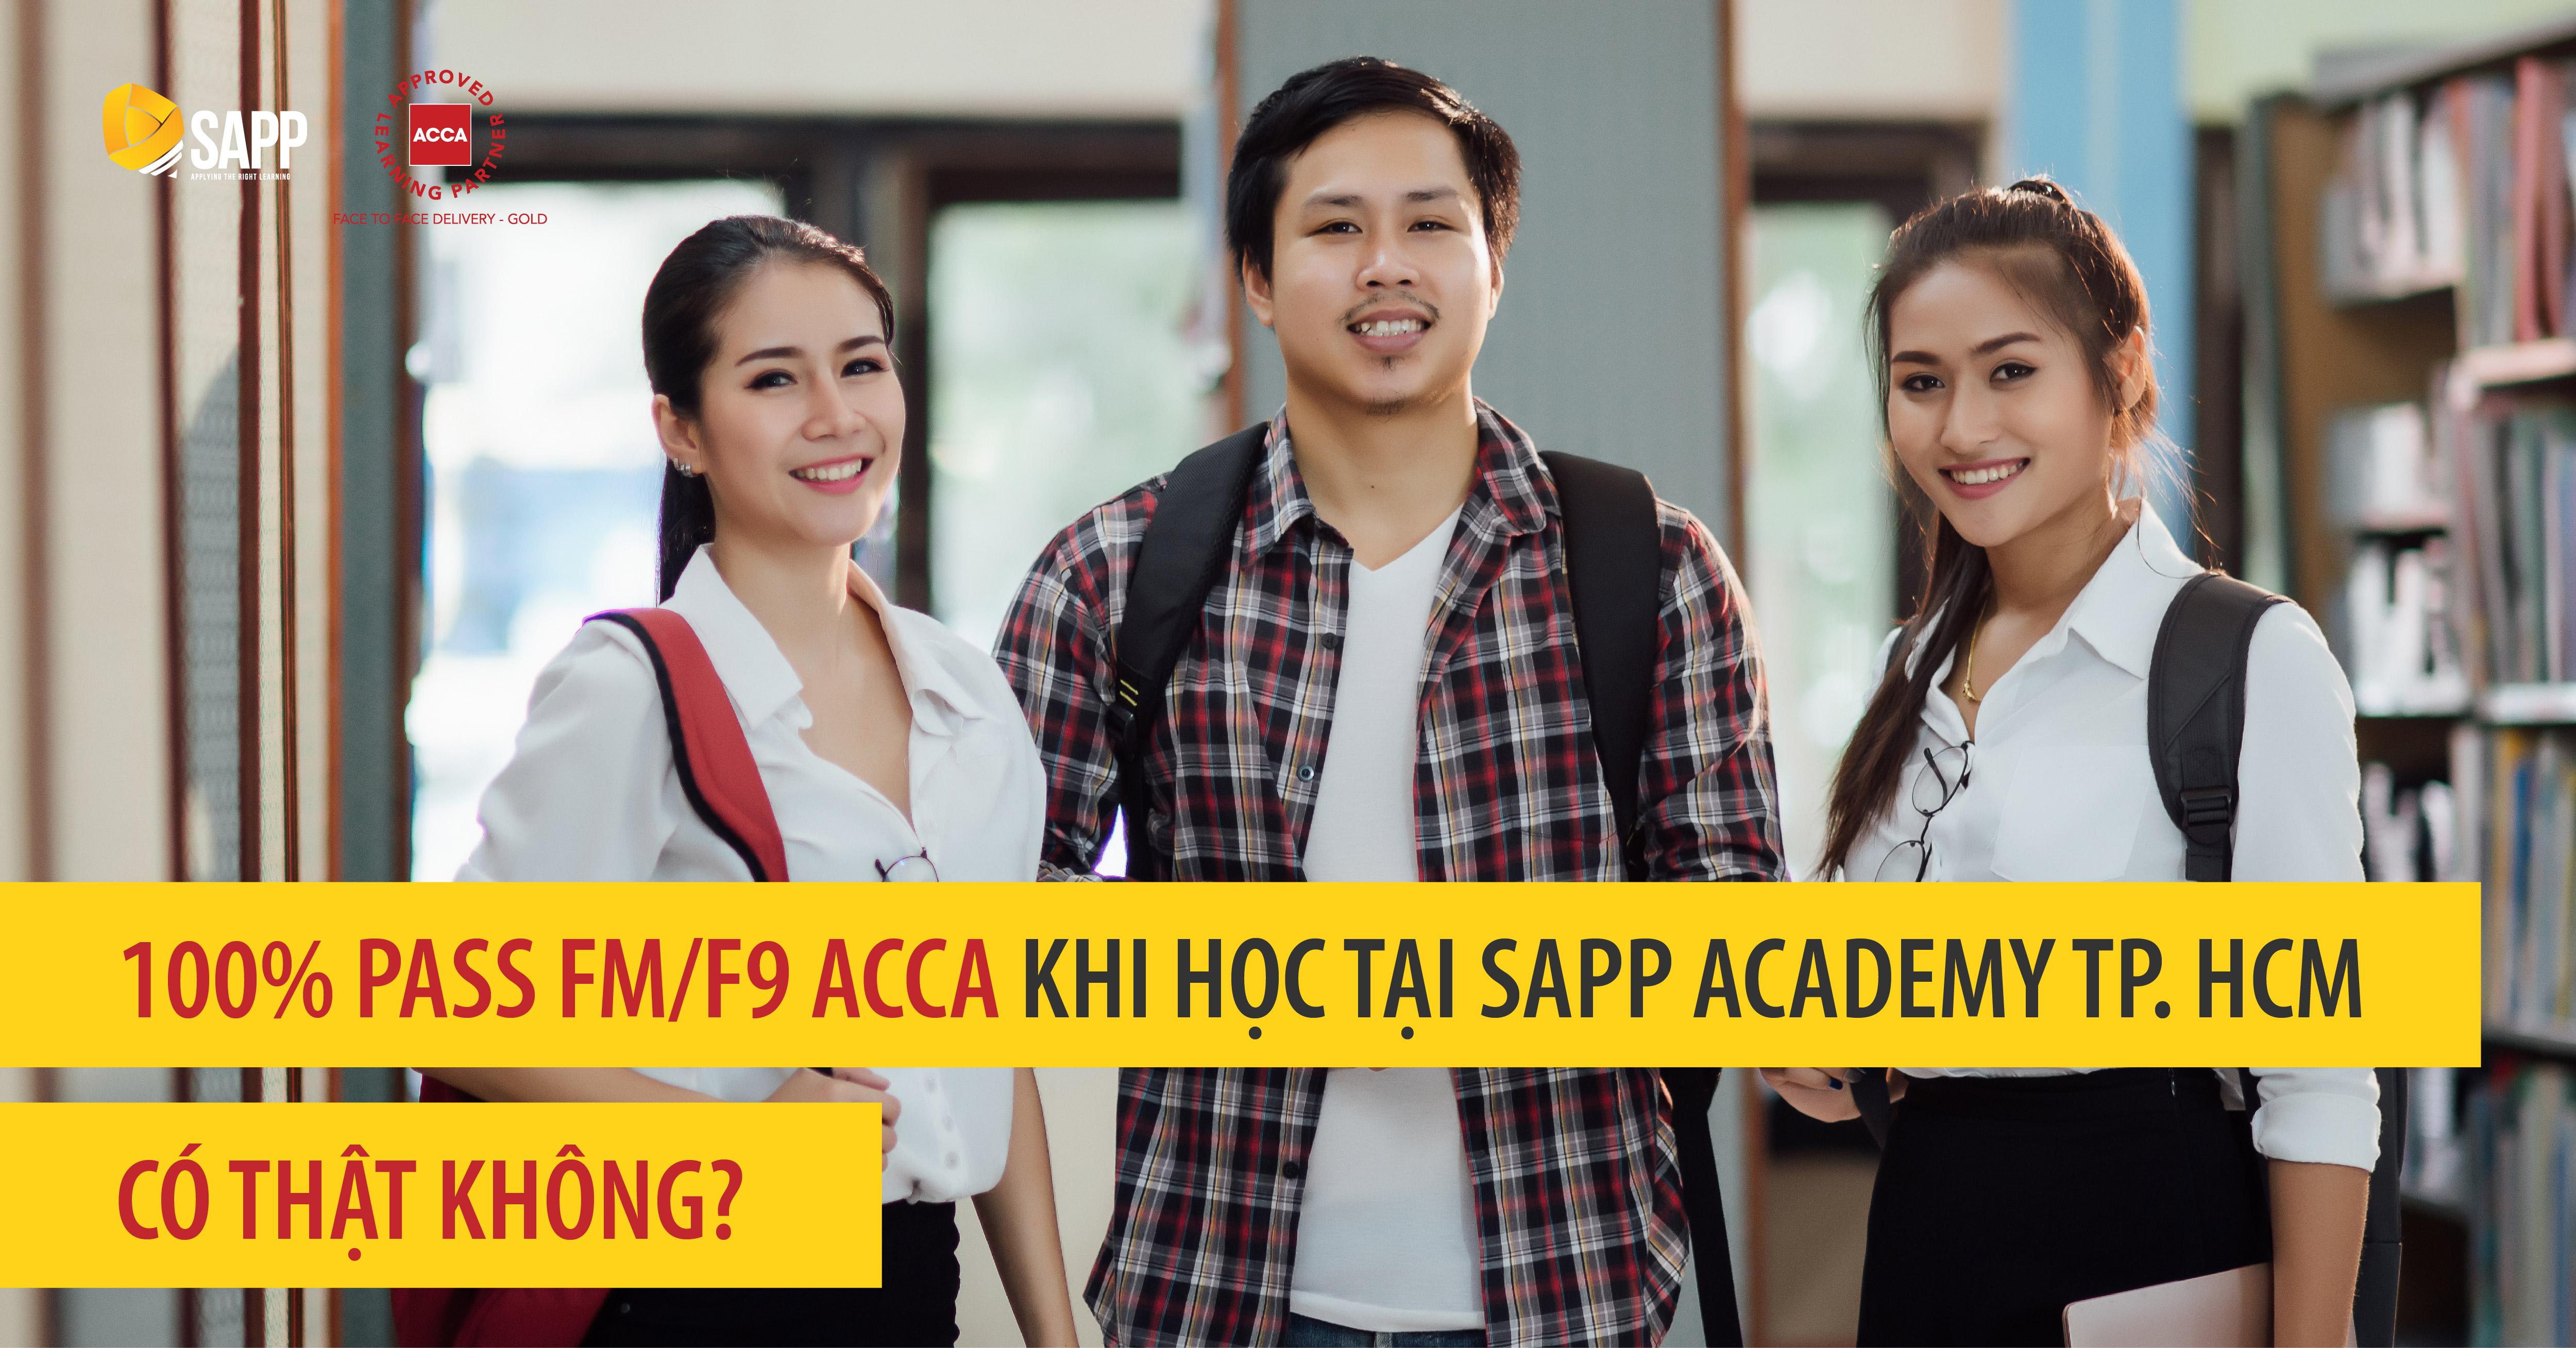 100% pass FM/F9 ACCA khi học tại SAPP Academy TP. HCM - Có thật không?